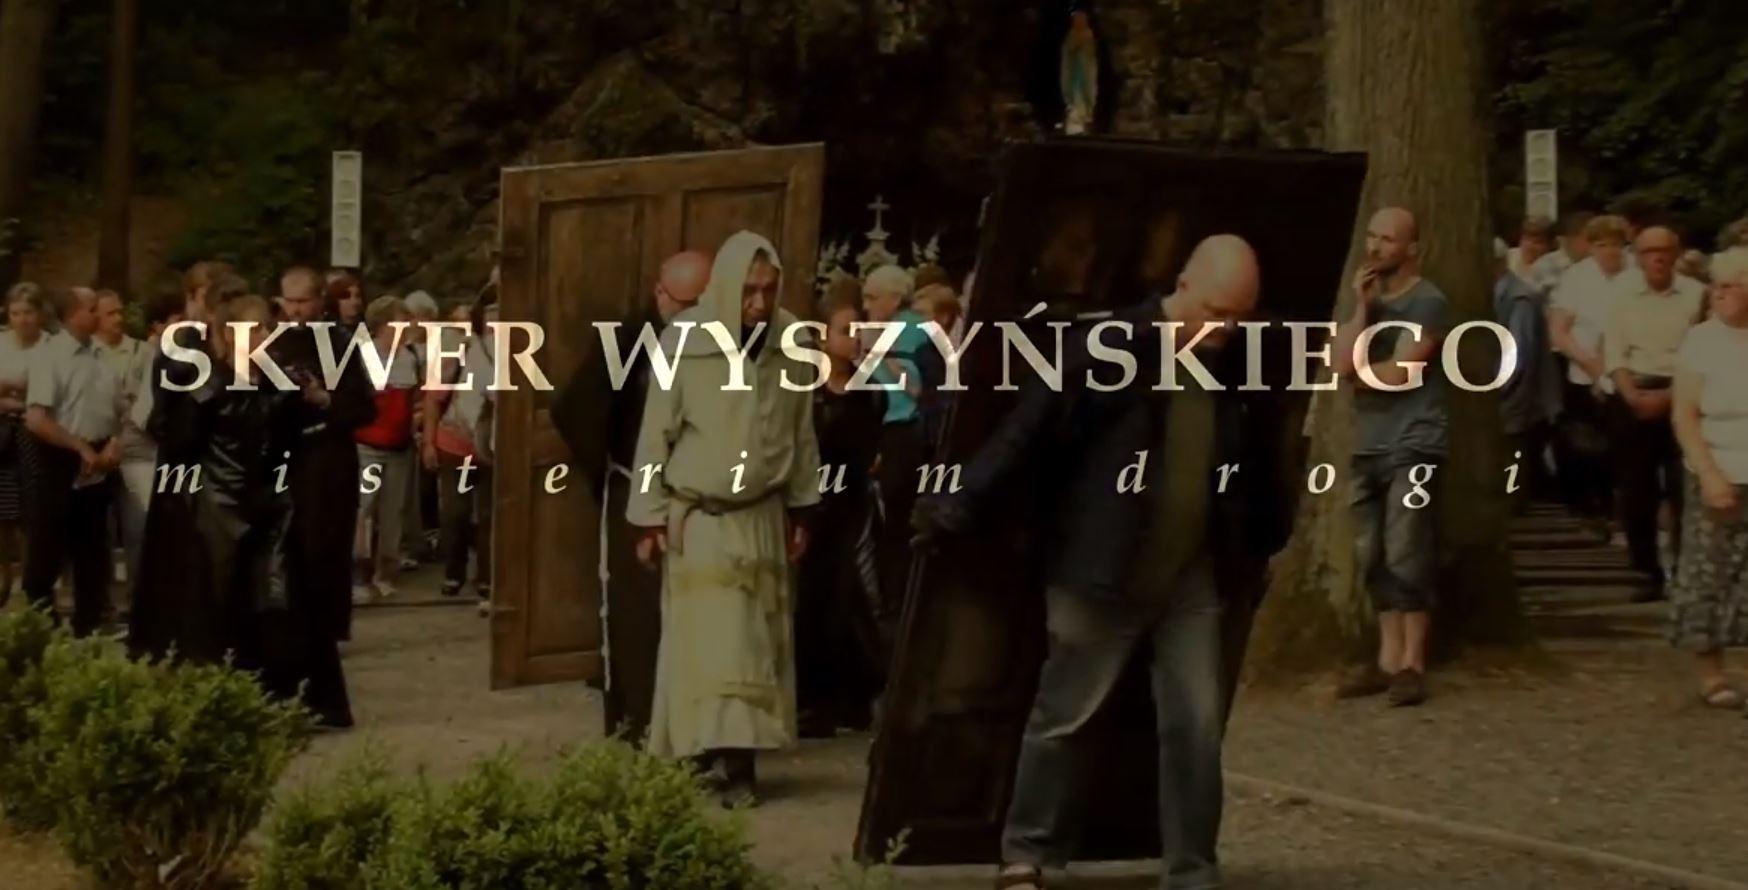 Kadr z Skwer Wyszyńskiego - Teatr A - Zwiastun